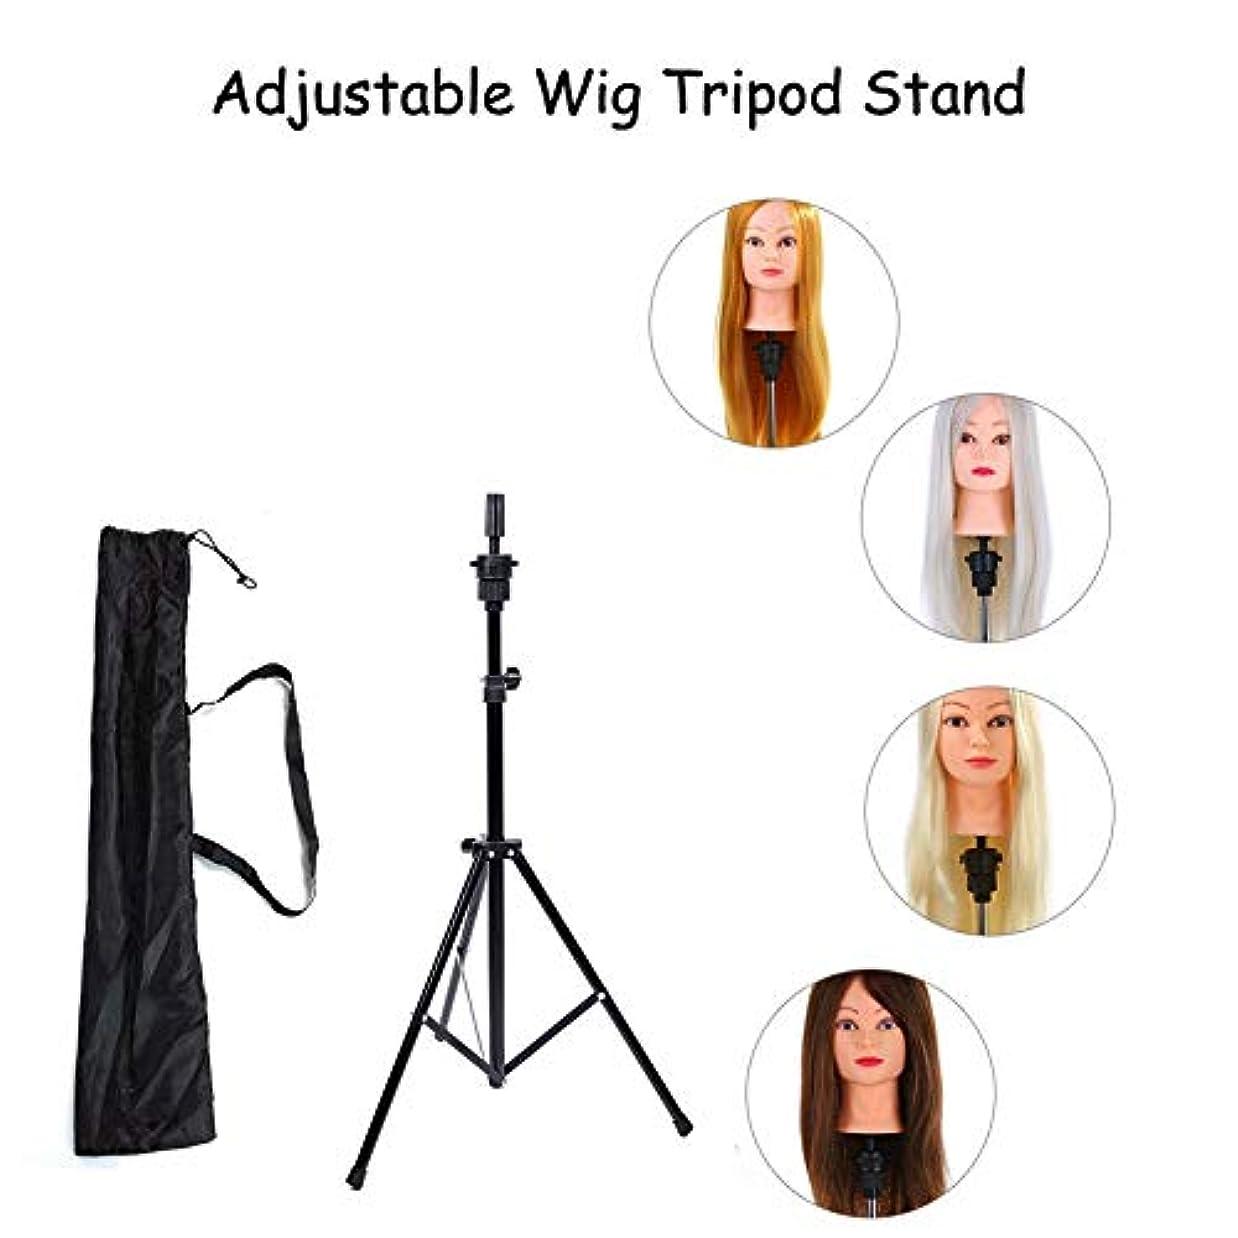 ペルソナ散歩に行く神のマネキンウィッグヘッド三脚スタンド調節可能な美容トレーニング人形ヘッドホルダー用理髪かつらスタンド付きキャリーバッグ